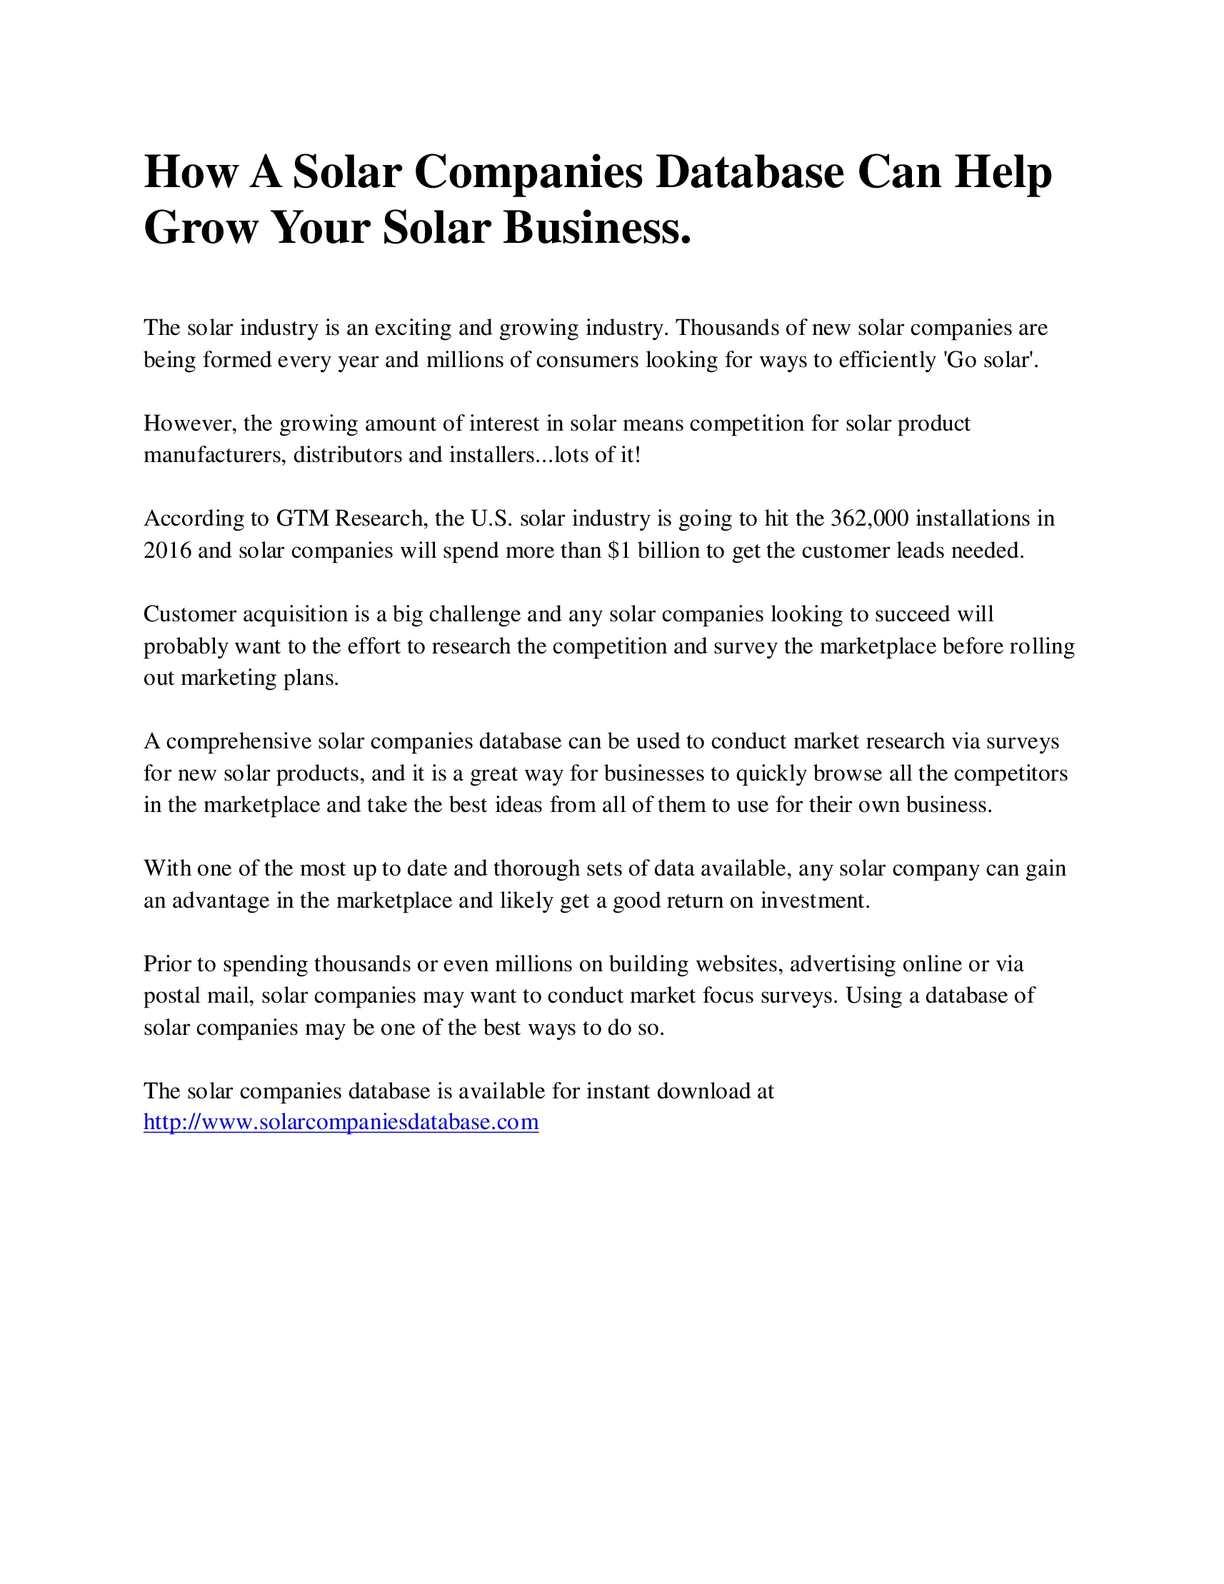 Calaméo - How A Solar Companies Database Can Help Grow Your Solar